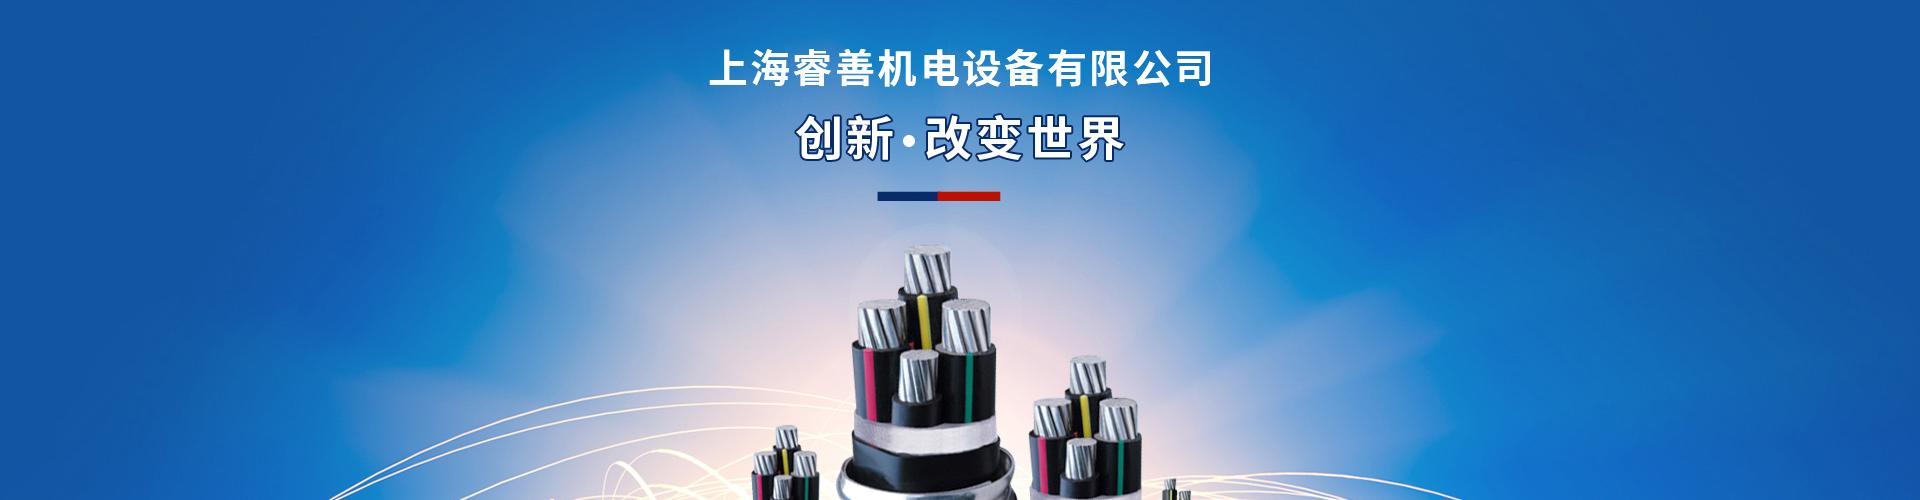 上海睿善机电设备有限公司